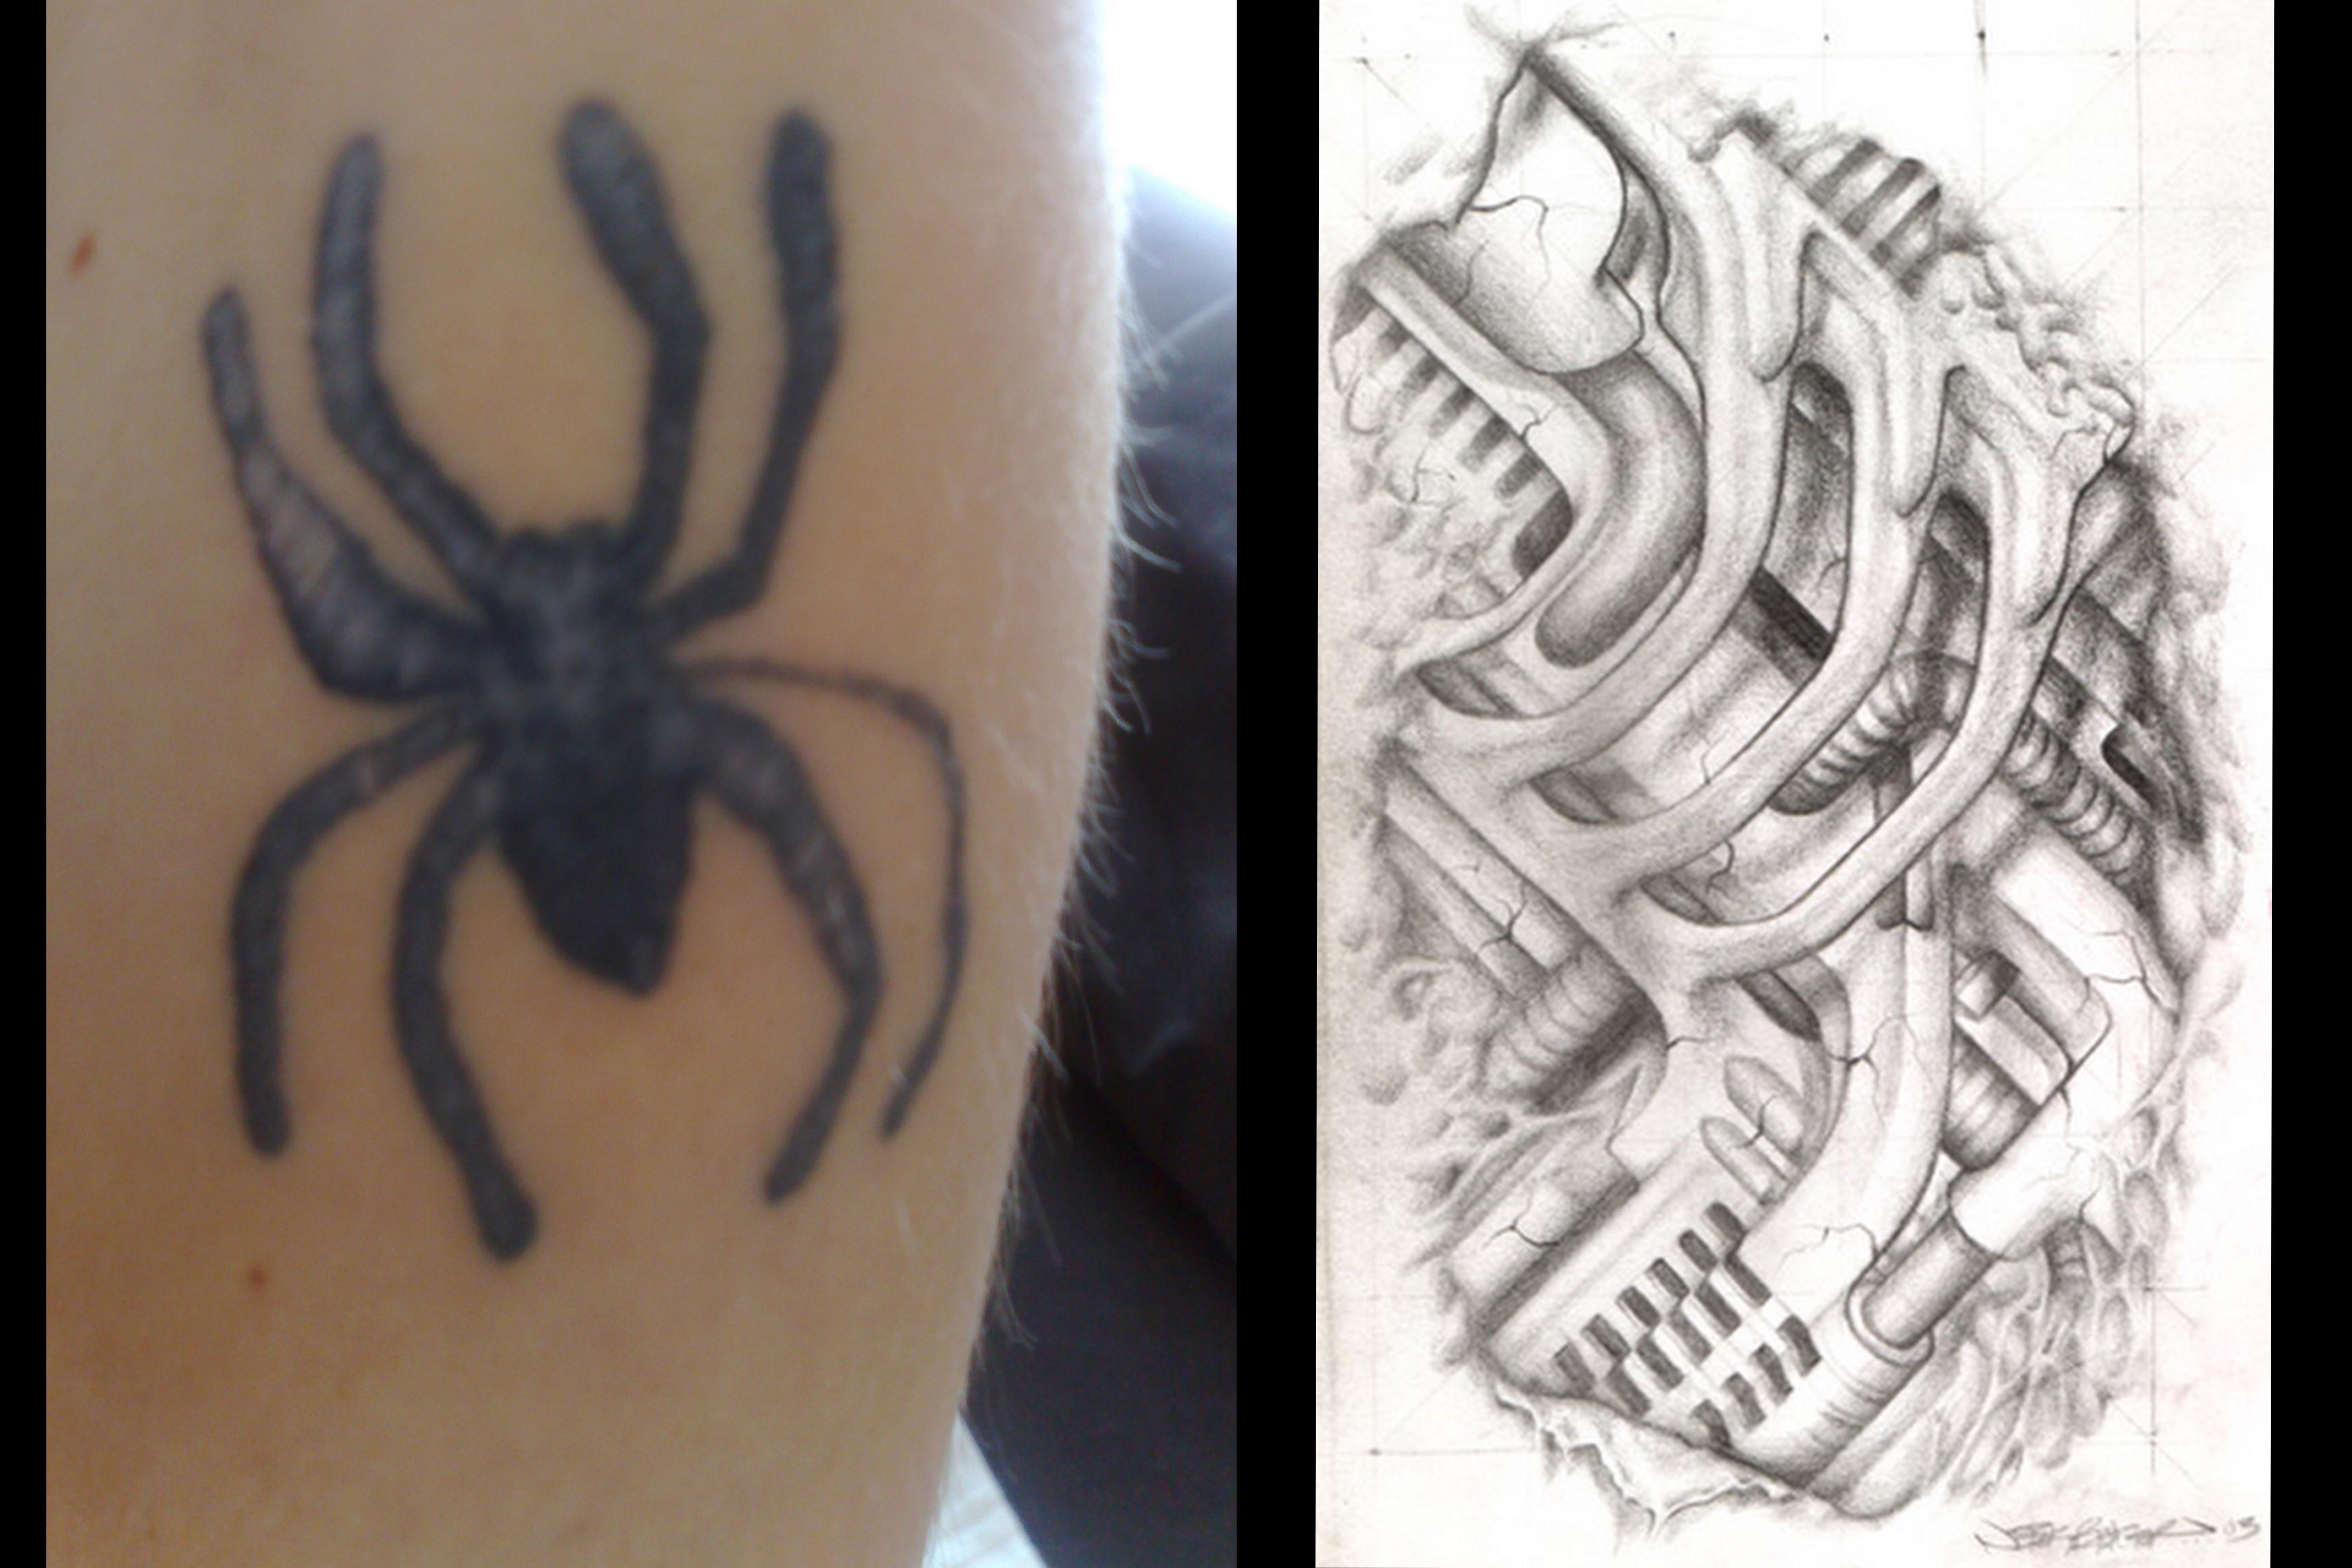 Wurde Das Klappen Mit Dem Coverup Tattoo Bewertung De